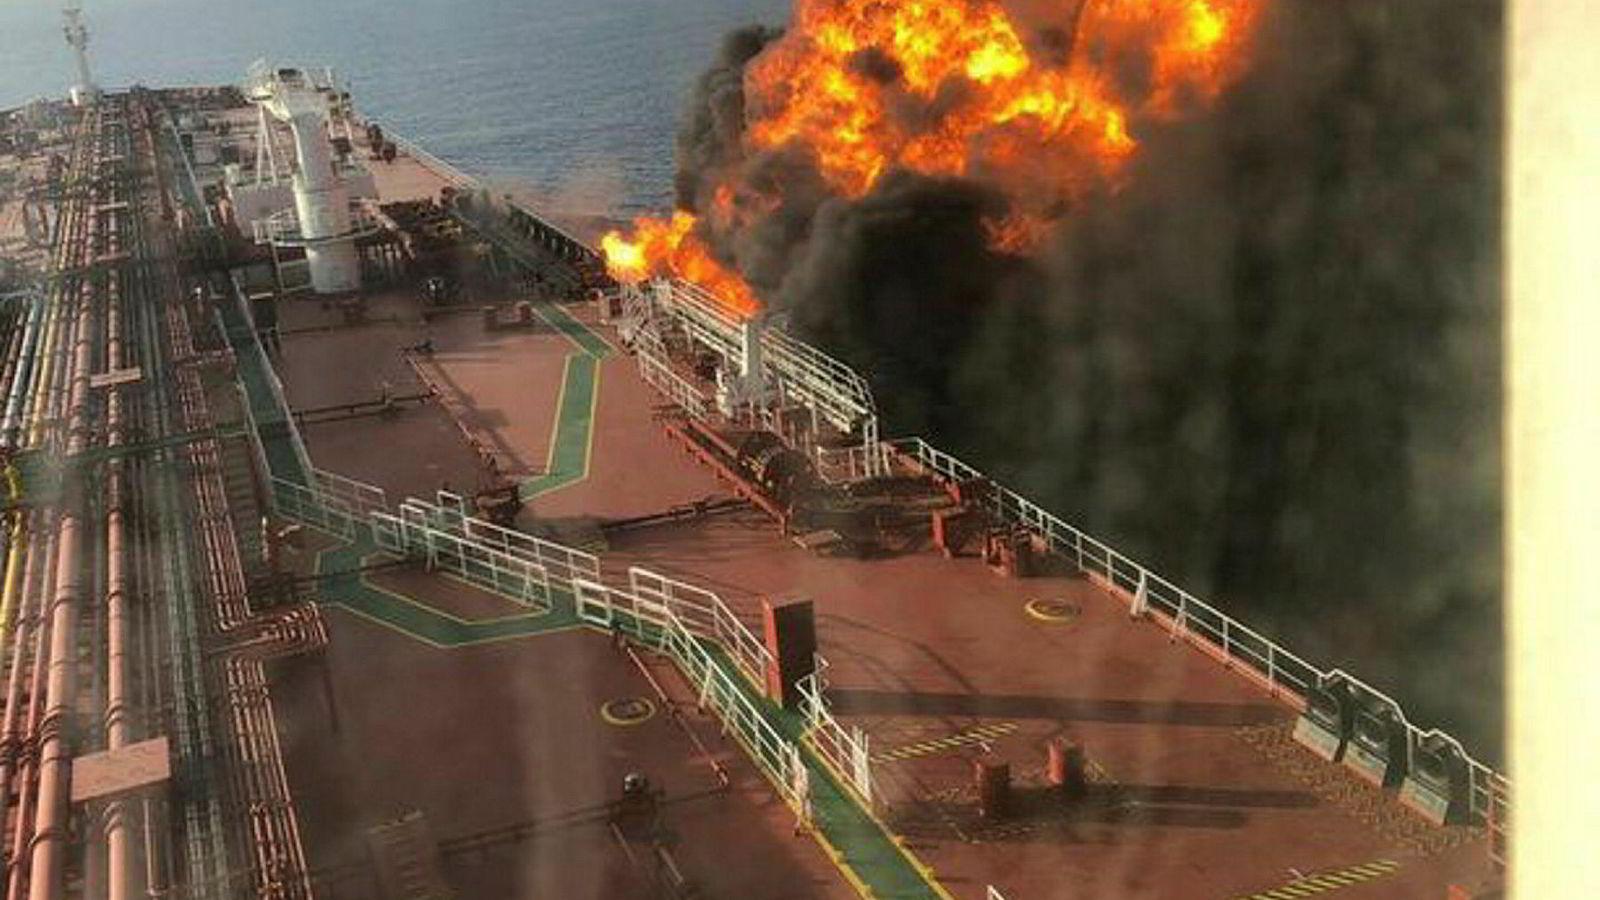 John Fredriksen tankskip «Front Altair» står i brann i Omanbukten. Daily Mirror har postet disse bildene som angivelig skal vise tankeren i brann, og flere kilder har bekreftet at de stammer fra tankskipet.